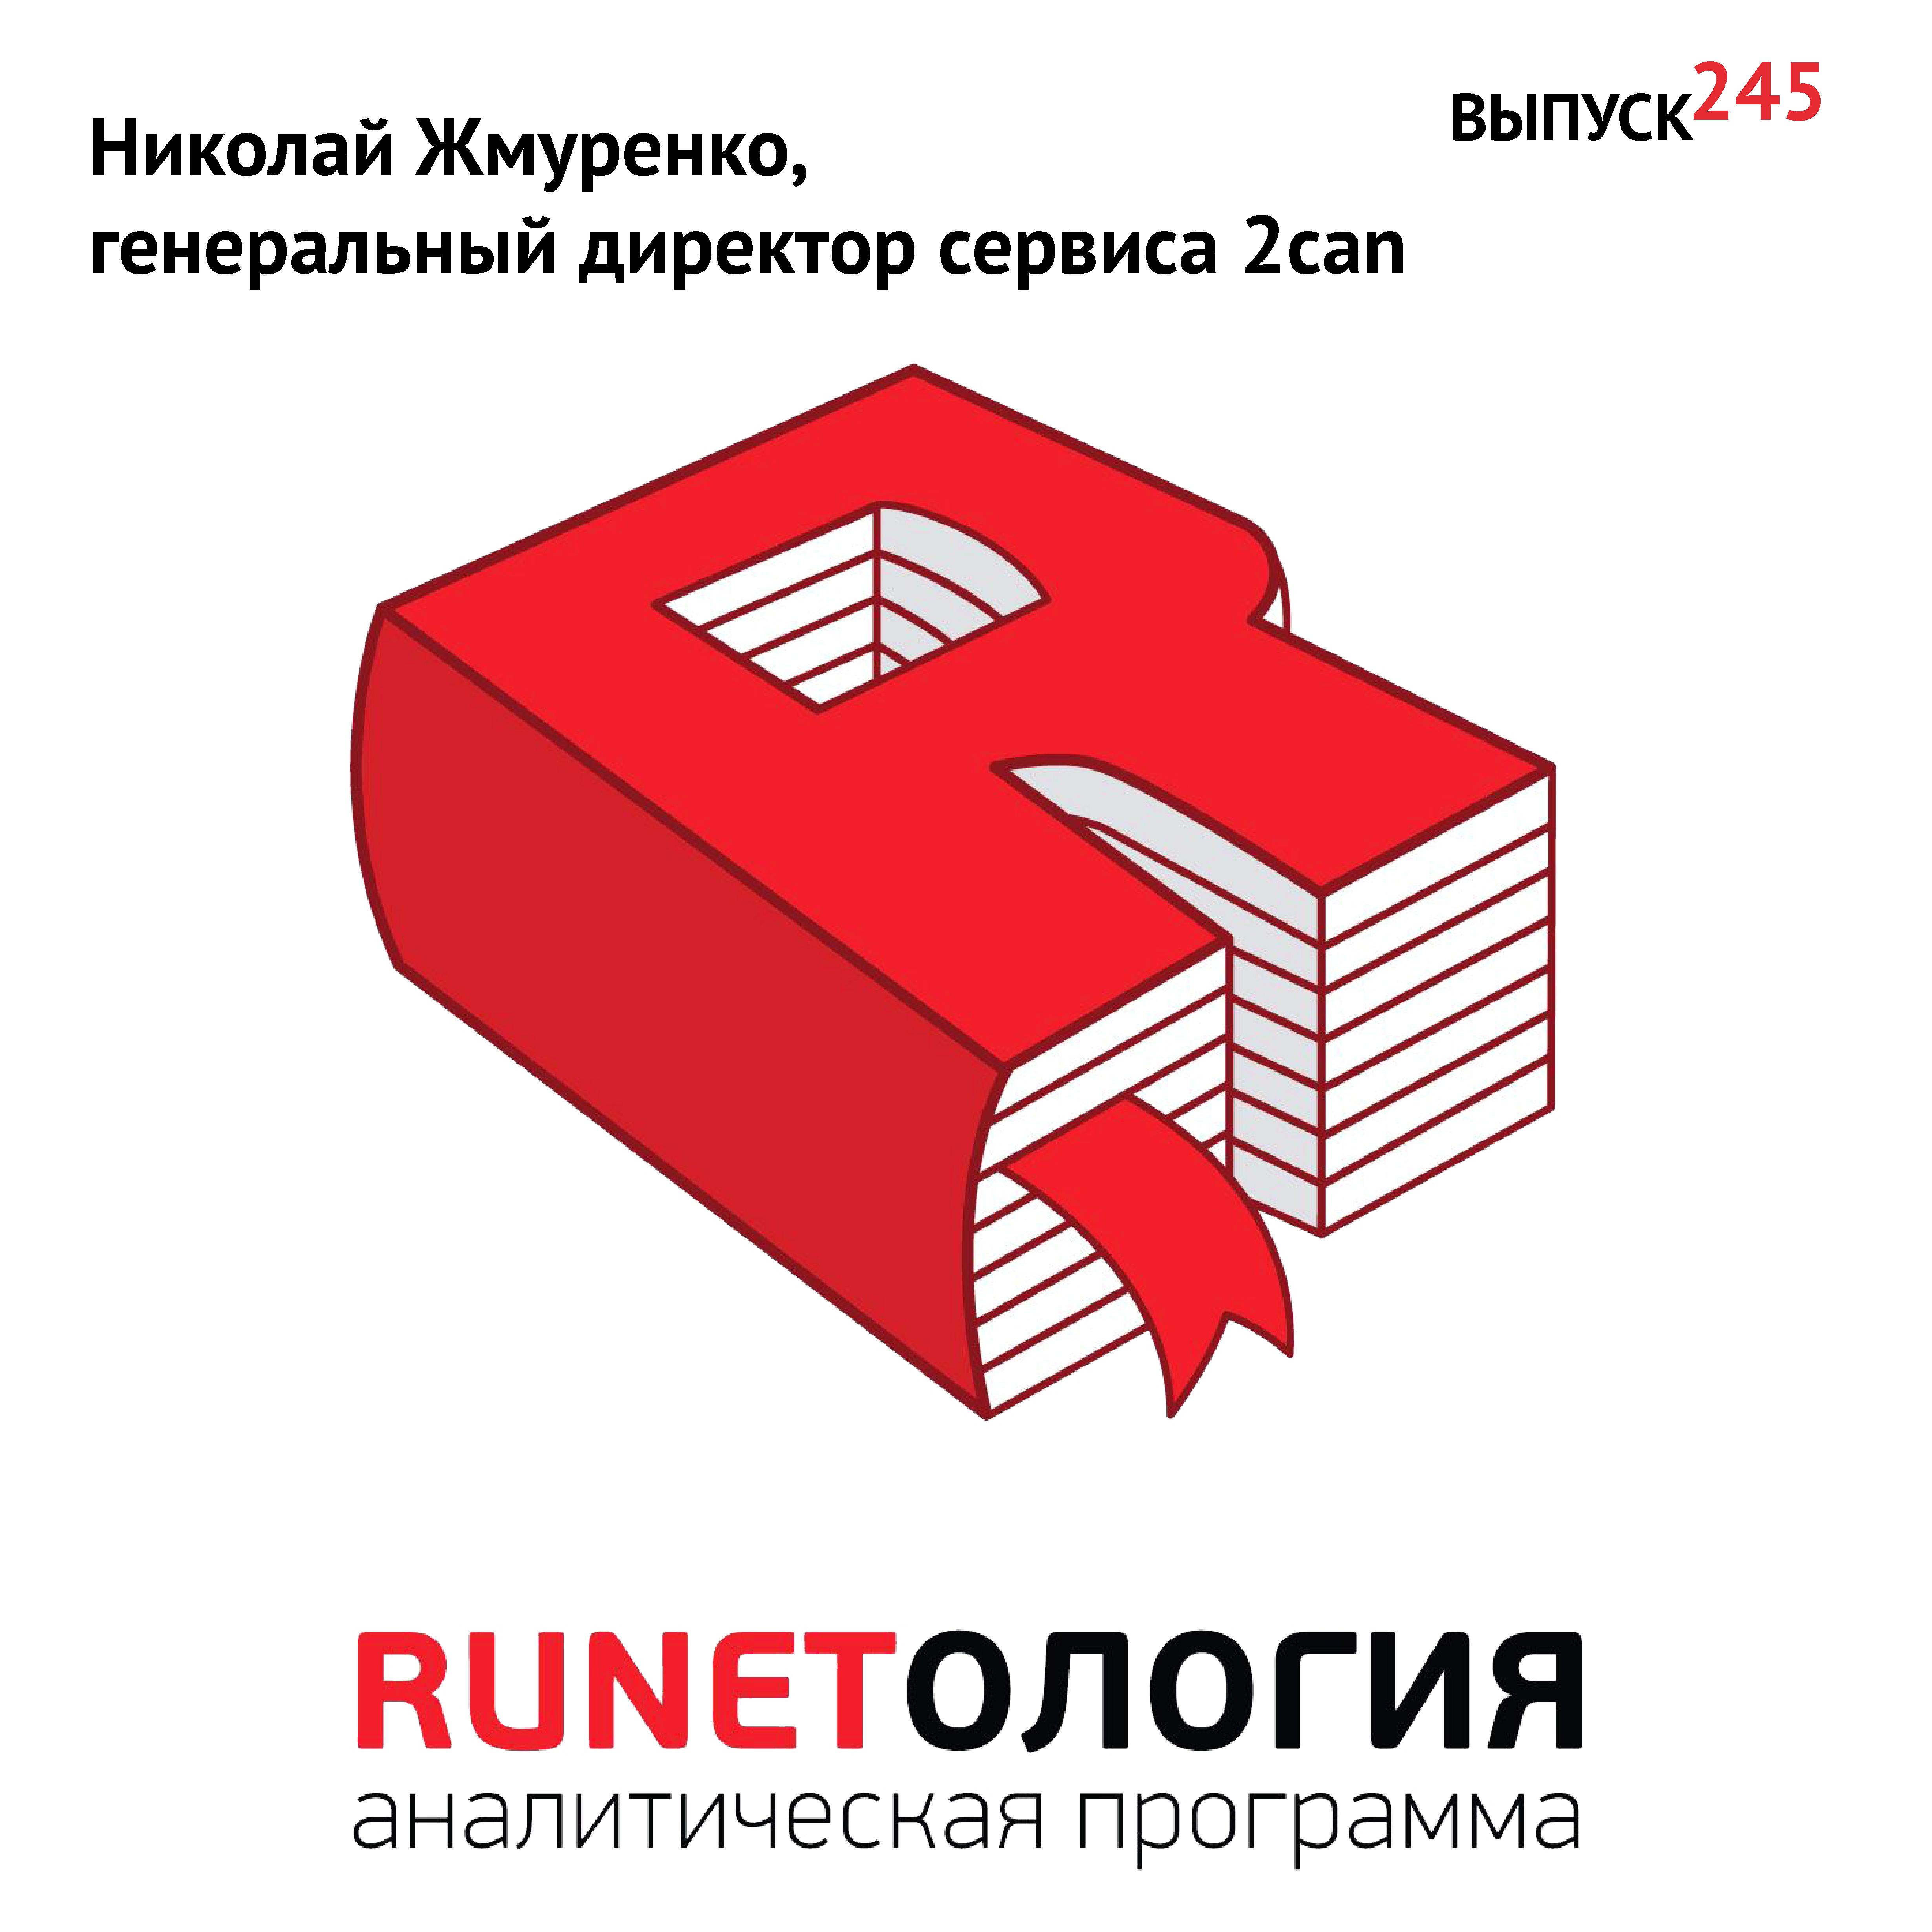 Максим Спиридонов Николай Жмуренко, генеральный директор сервиса 2can